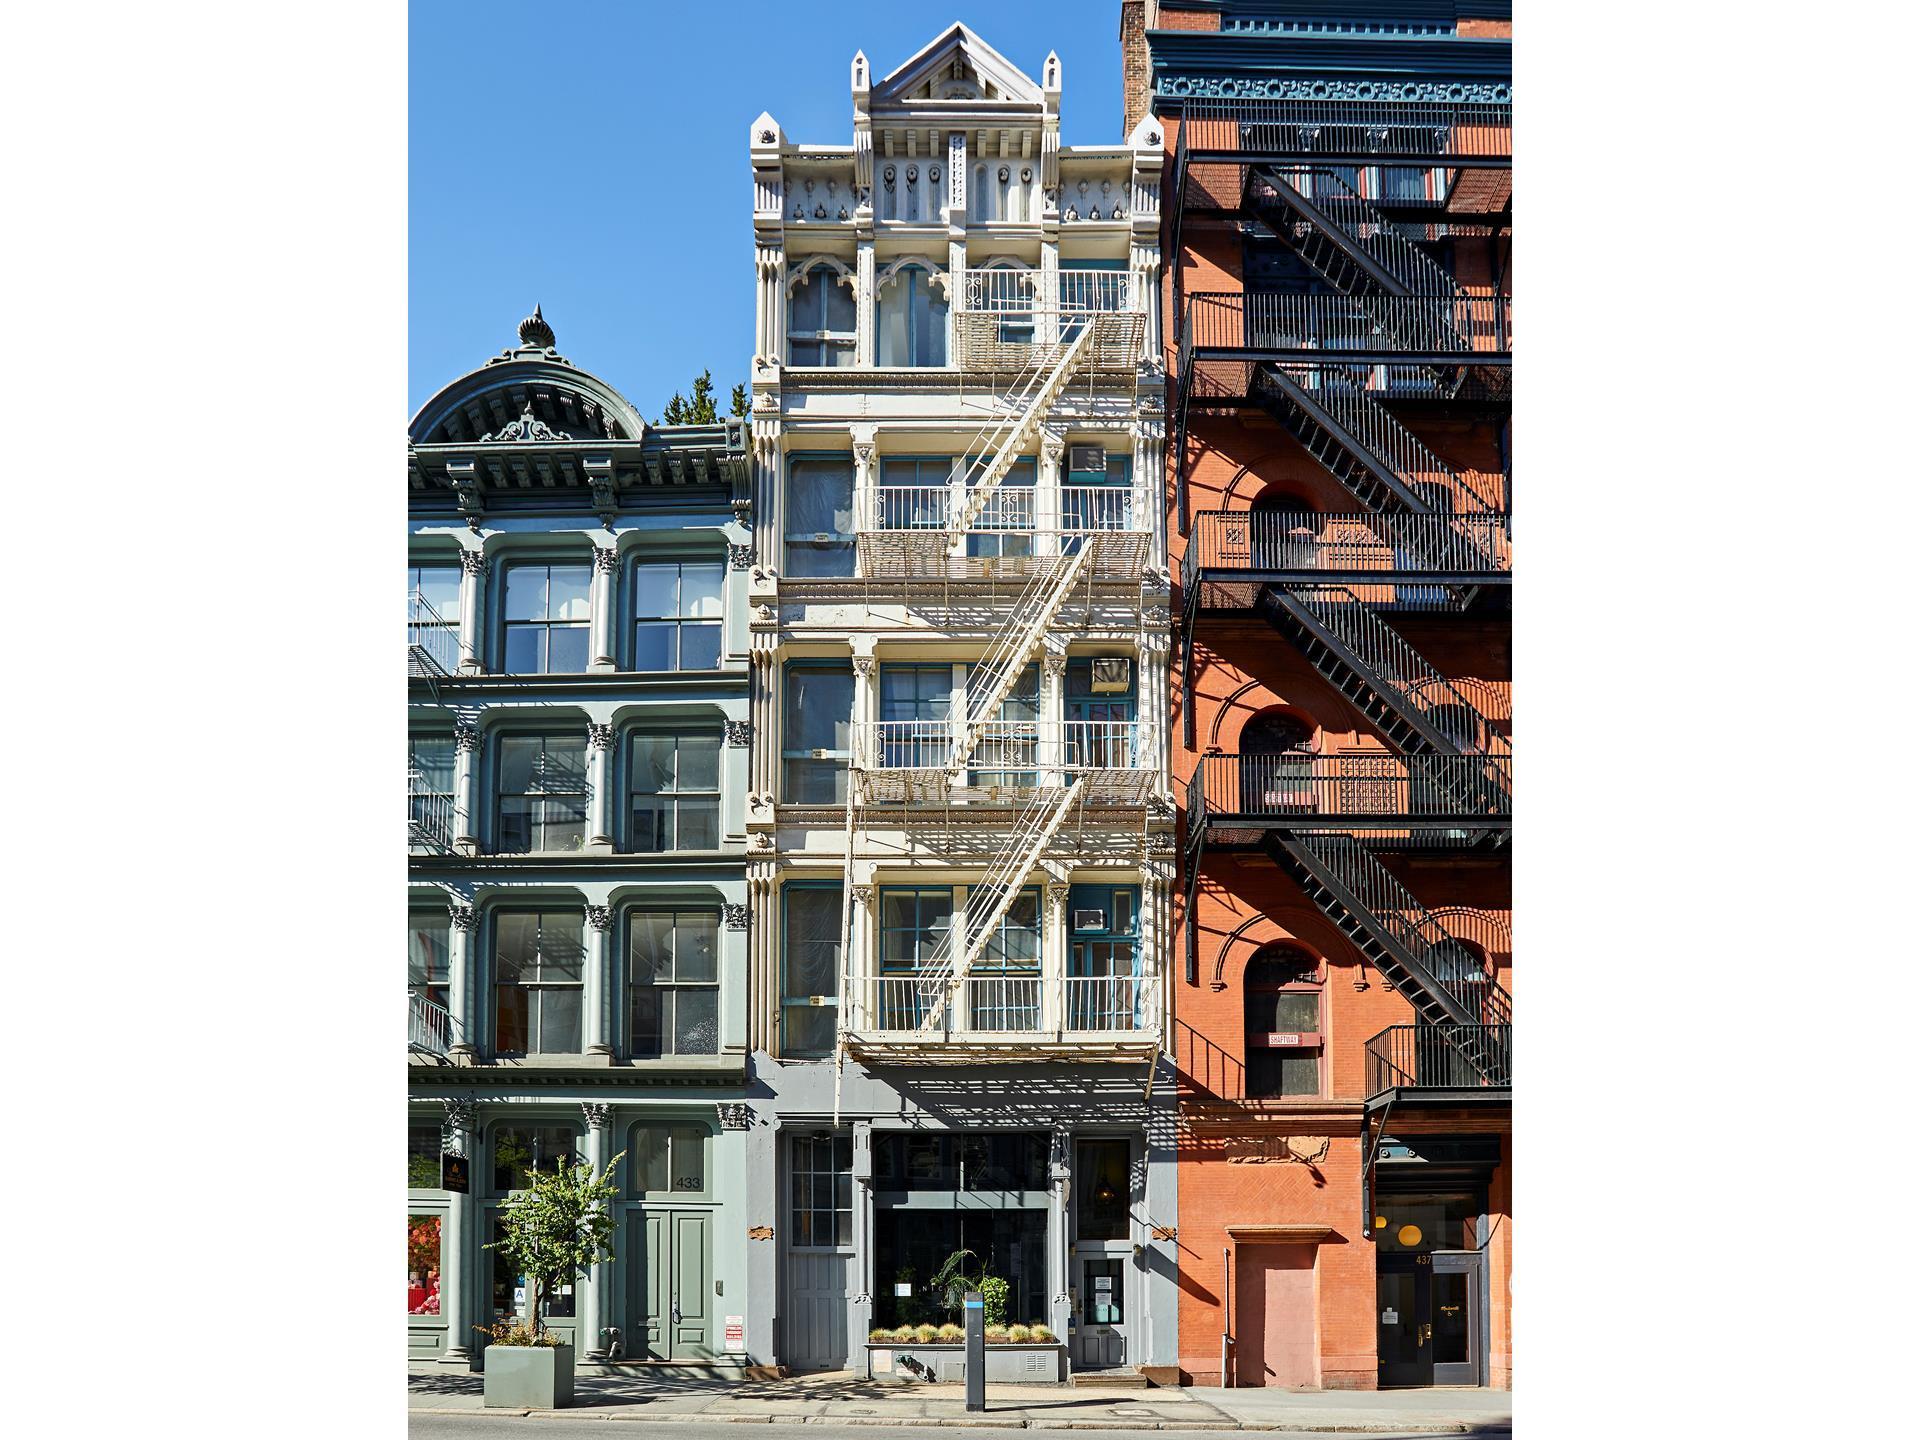 435 Broome Street New York, NY 10013